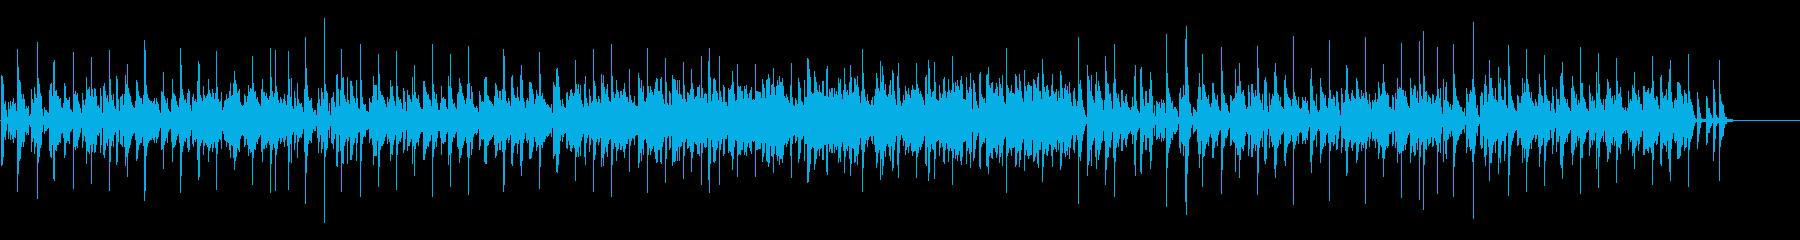 ナレーションBGM特化のJAZZピアノの再生済みの波形